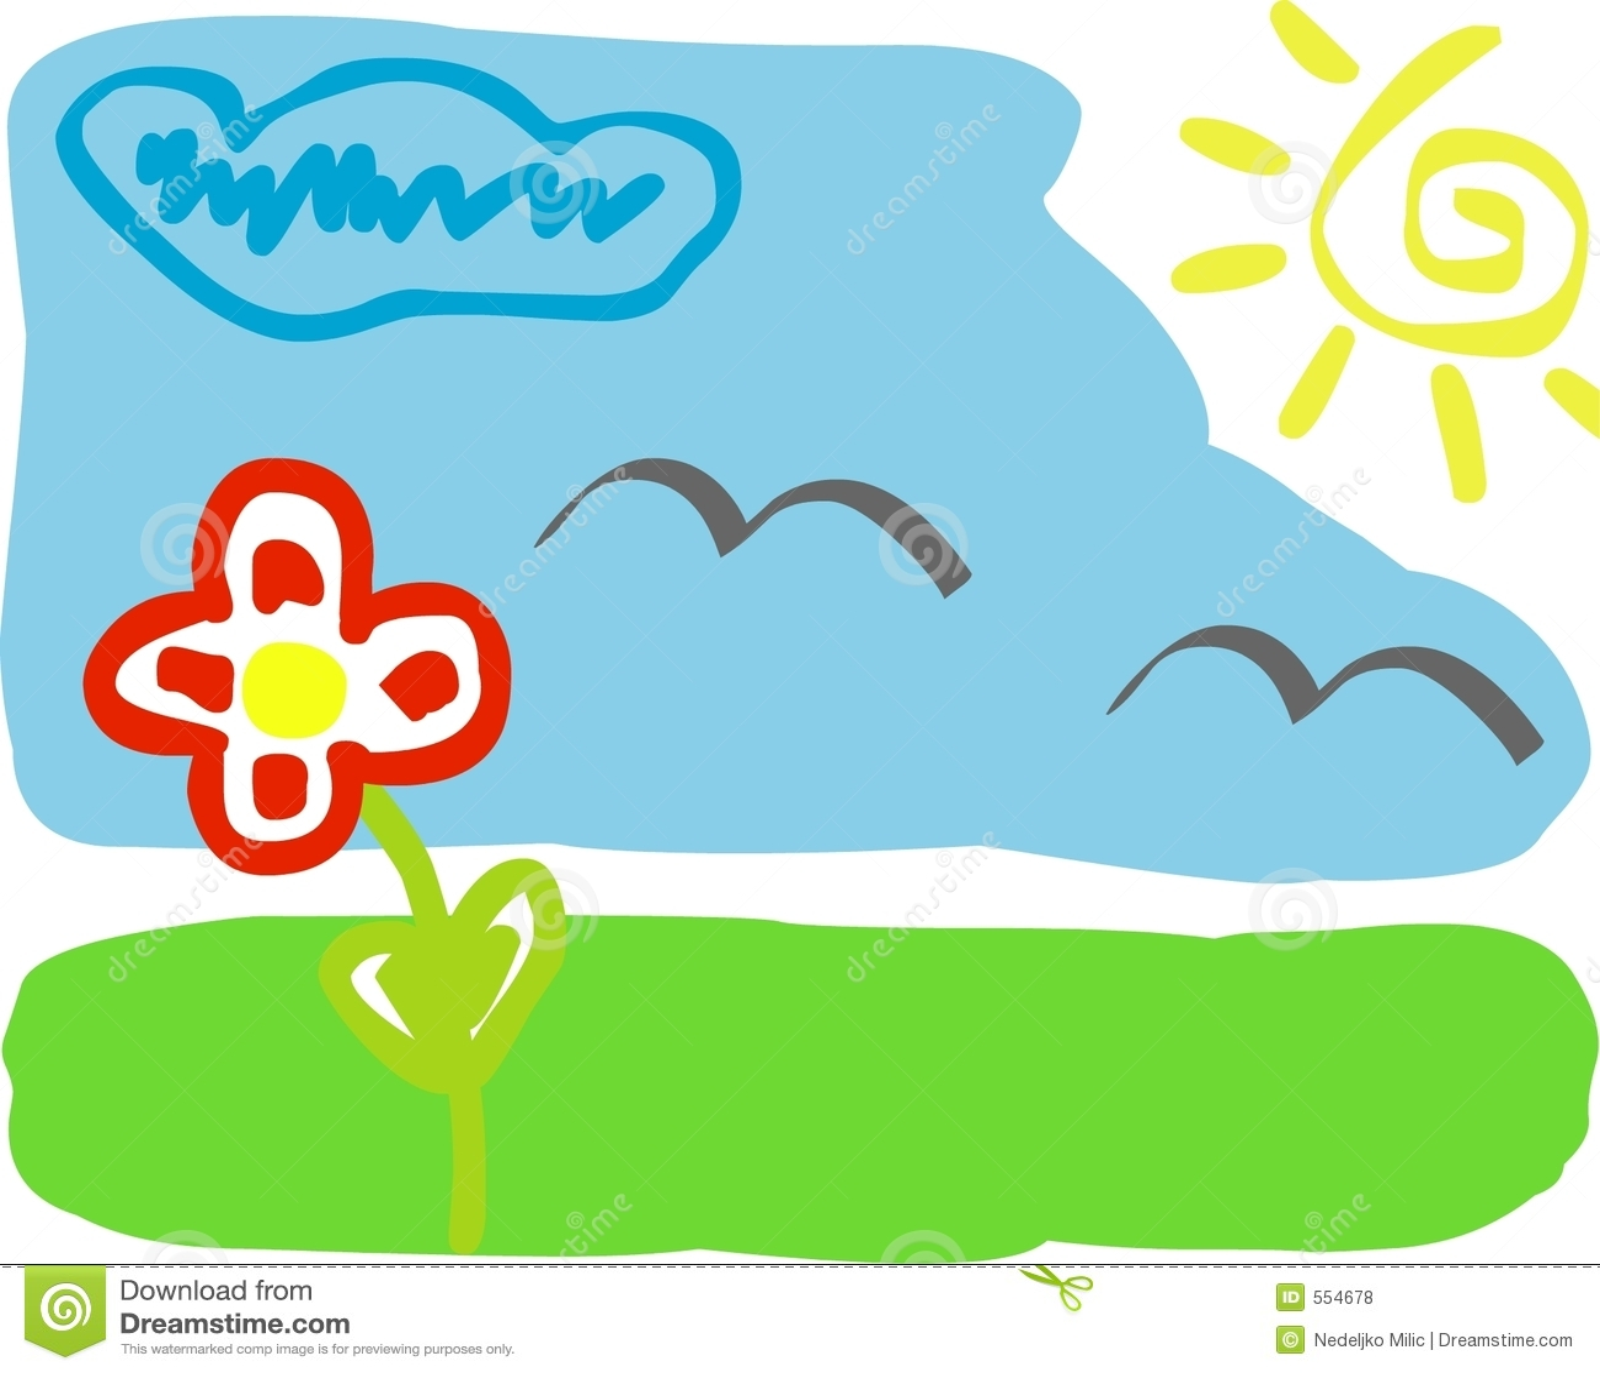 kids drawingspring - Spring Images For Kids